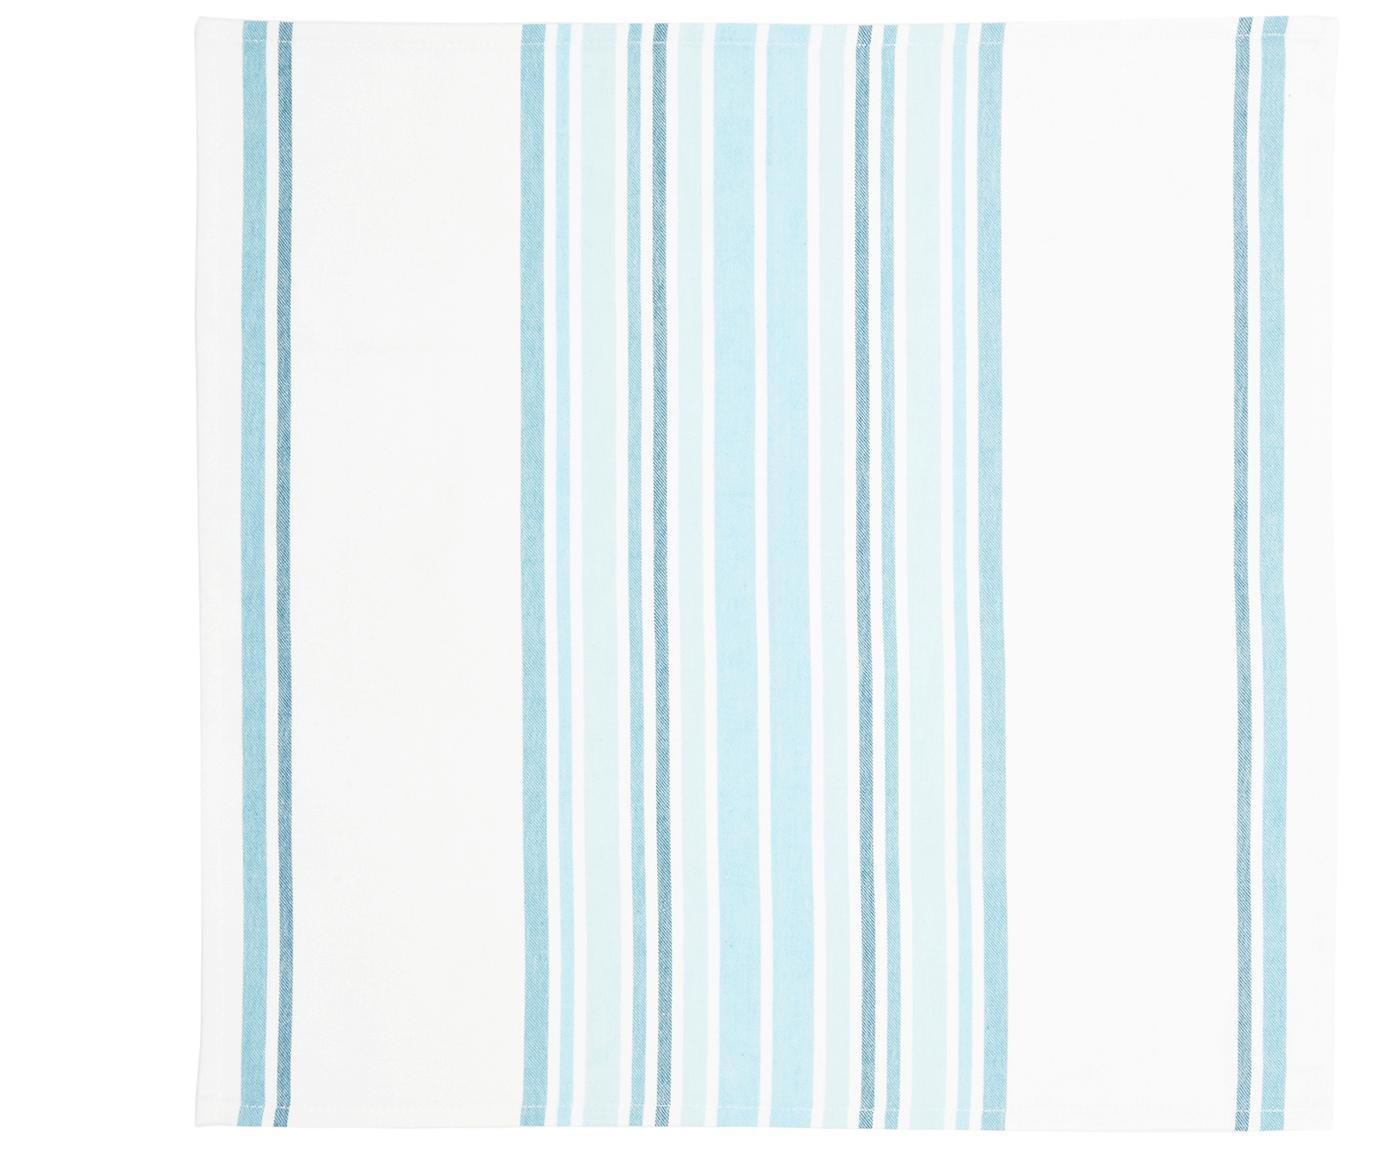 Baumwoll-Servietten Katie, 2 Stück, Baumwolle, Weiss, Blau, 50 x 50 cm